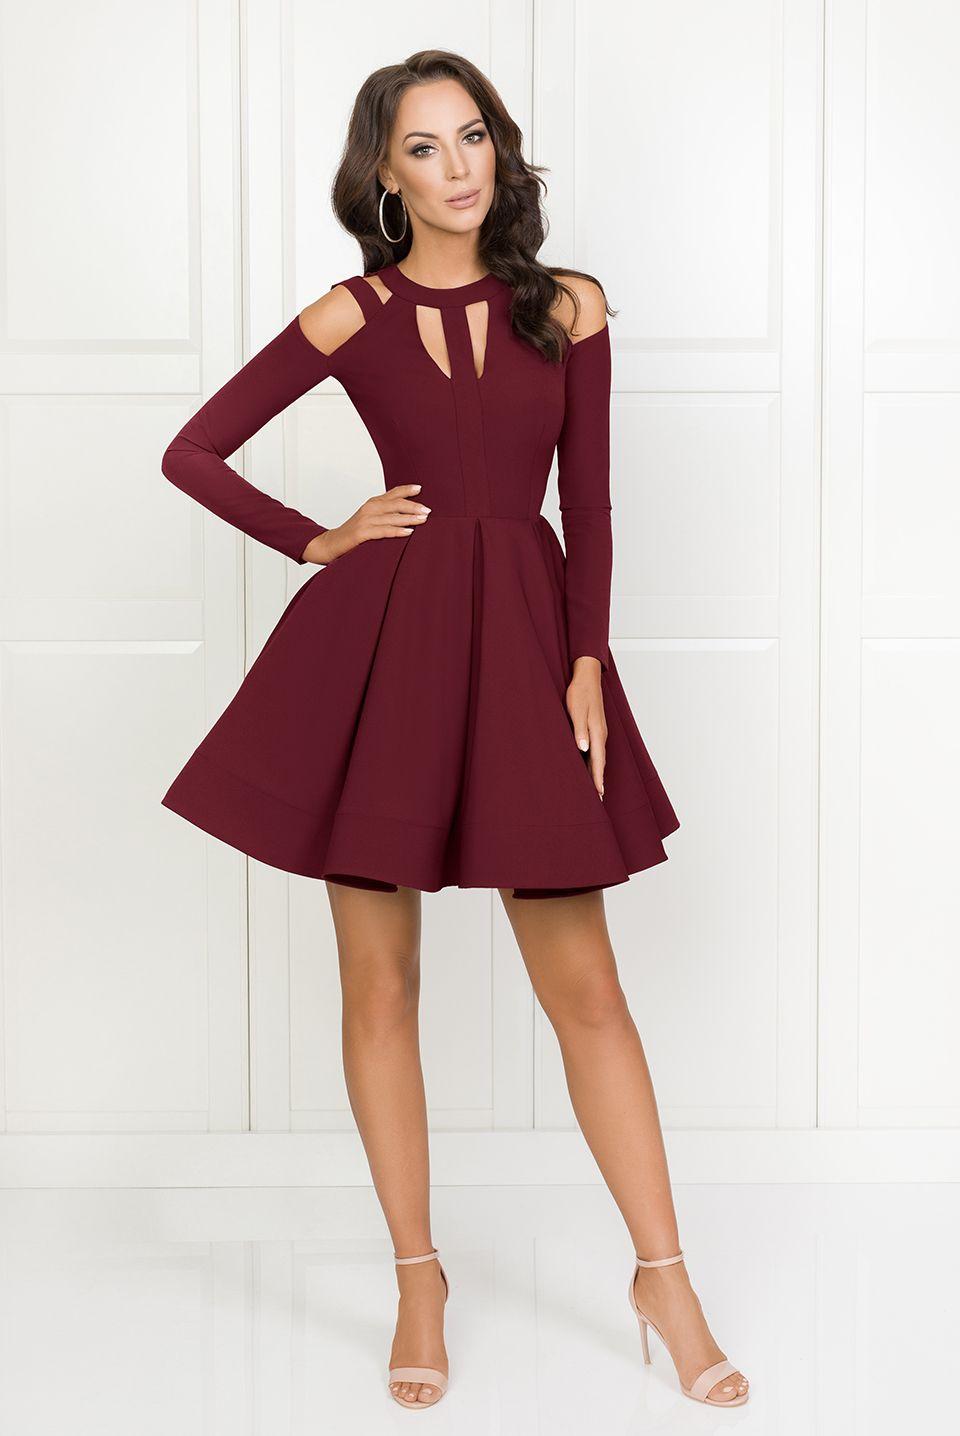 c5110292f8 ZAIRA Bordowa sukienka z koła